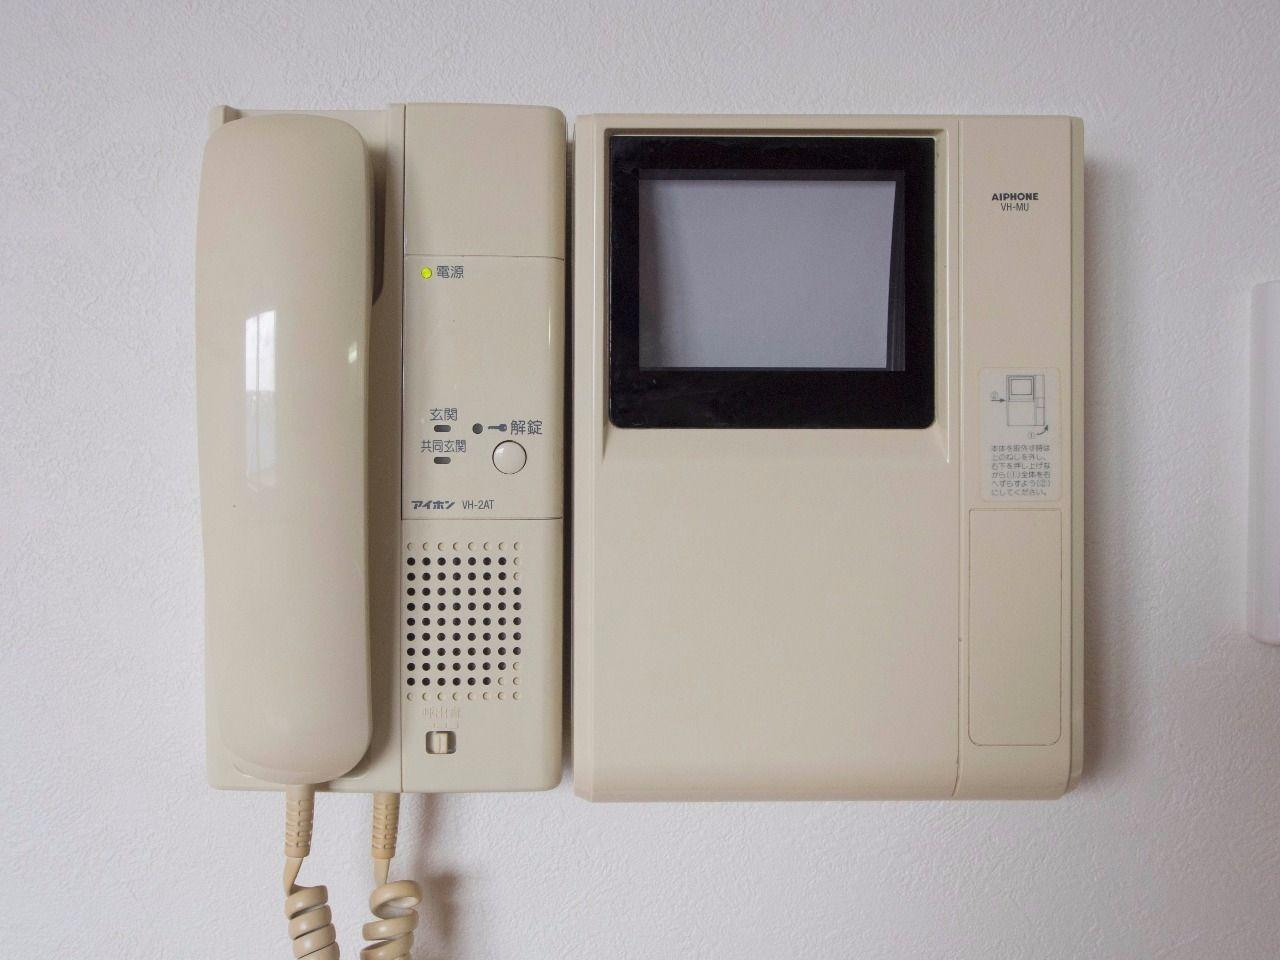 オートロックの操作盤も兼ねたインターホン受話器